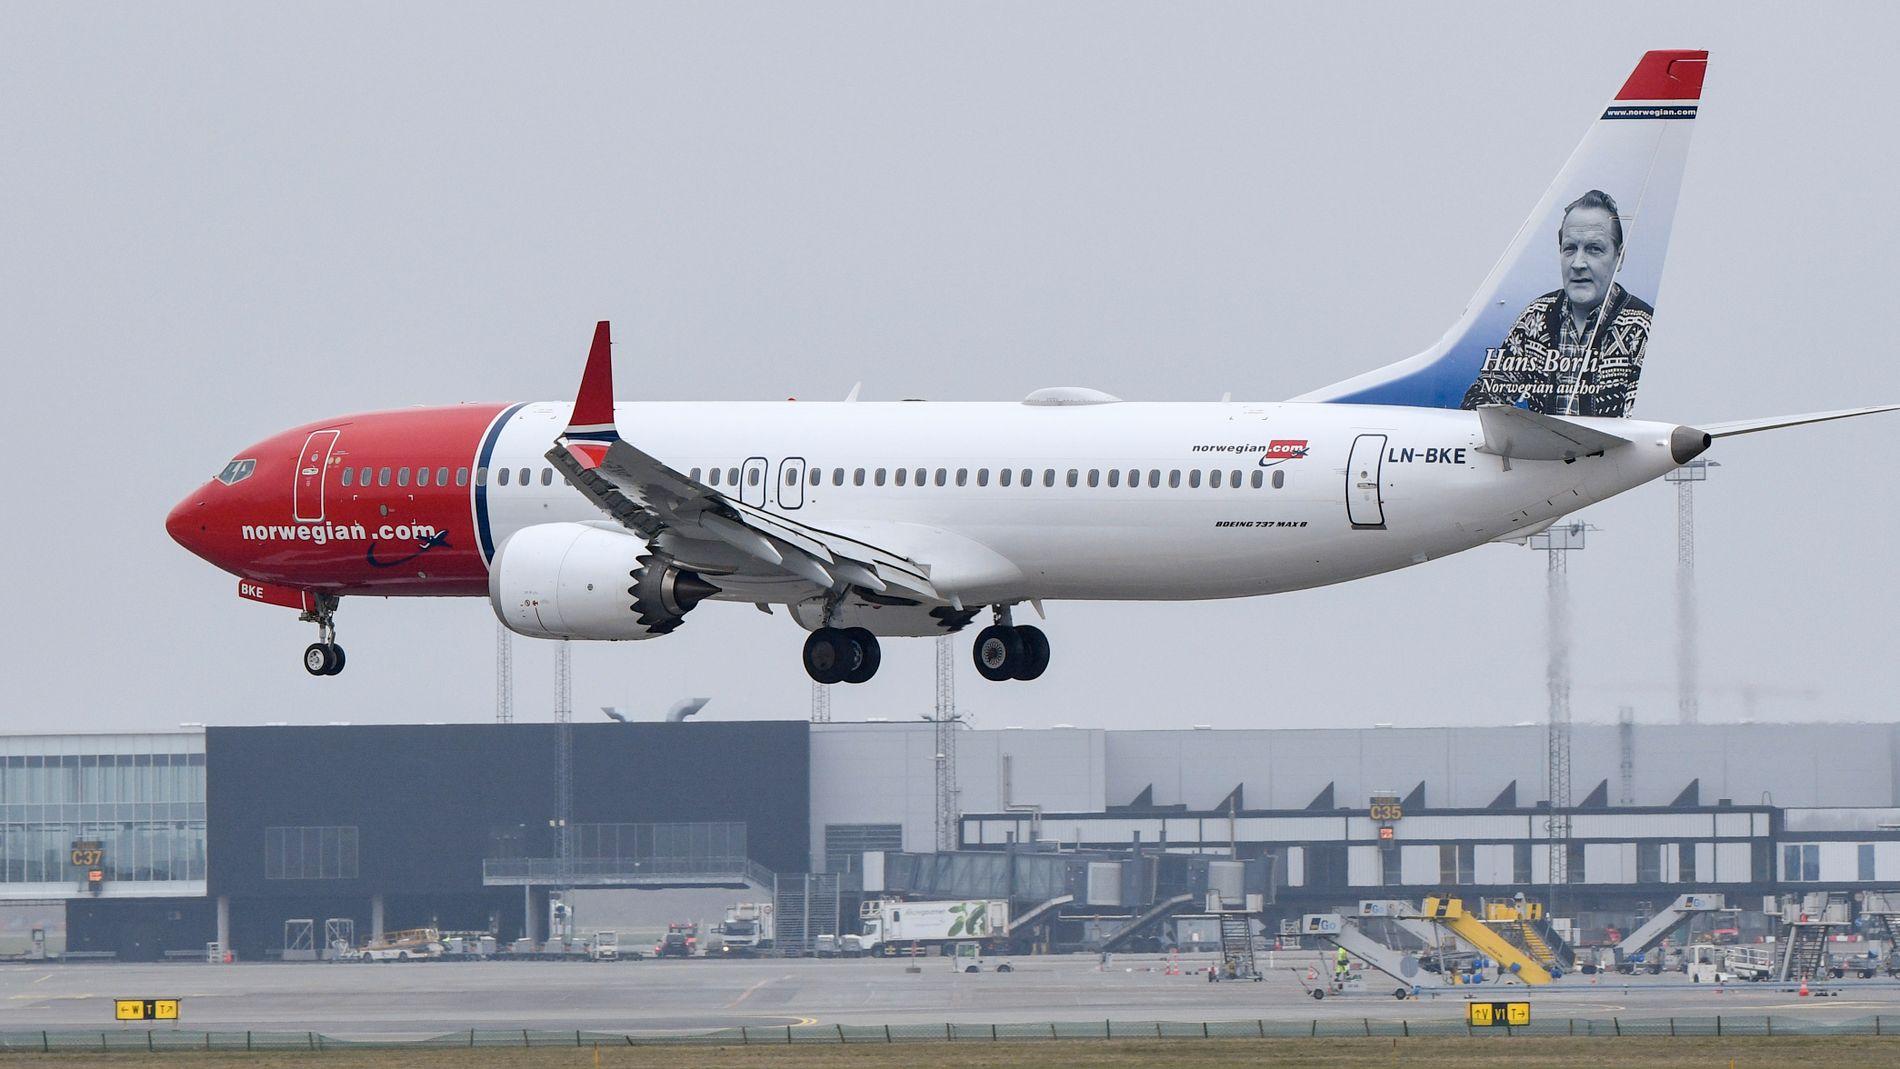 IKKE PARKERT: Mens en rekke av konkurrentens fly må kanselleres, gjør Norwegian sitt for å øke trafikken.